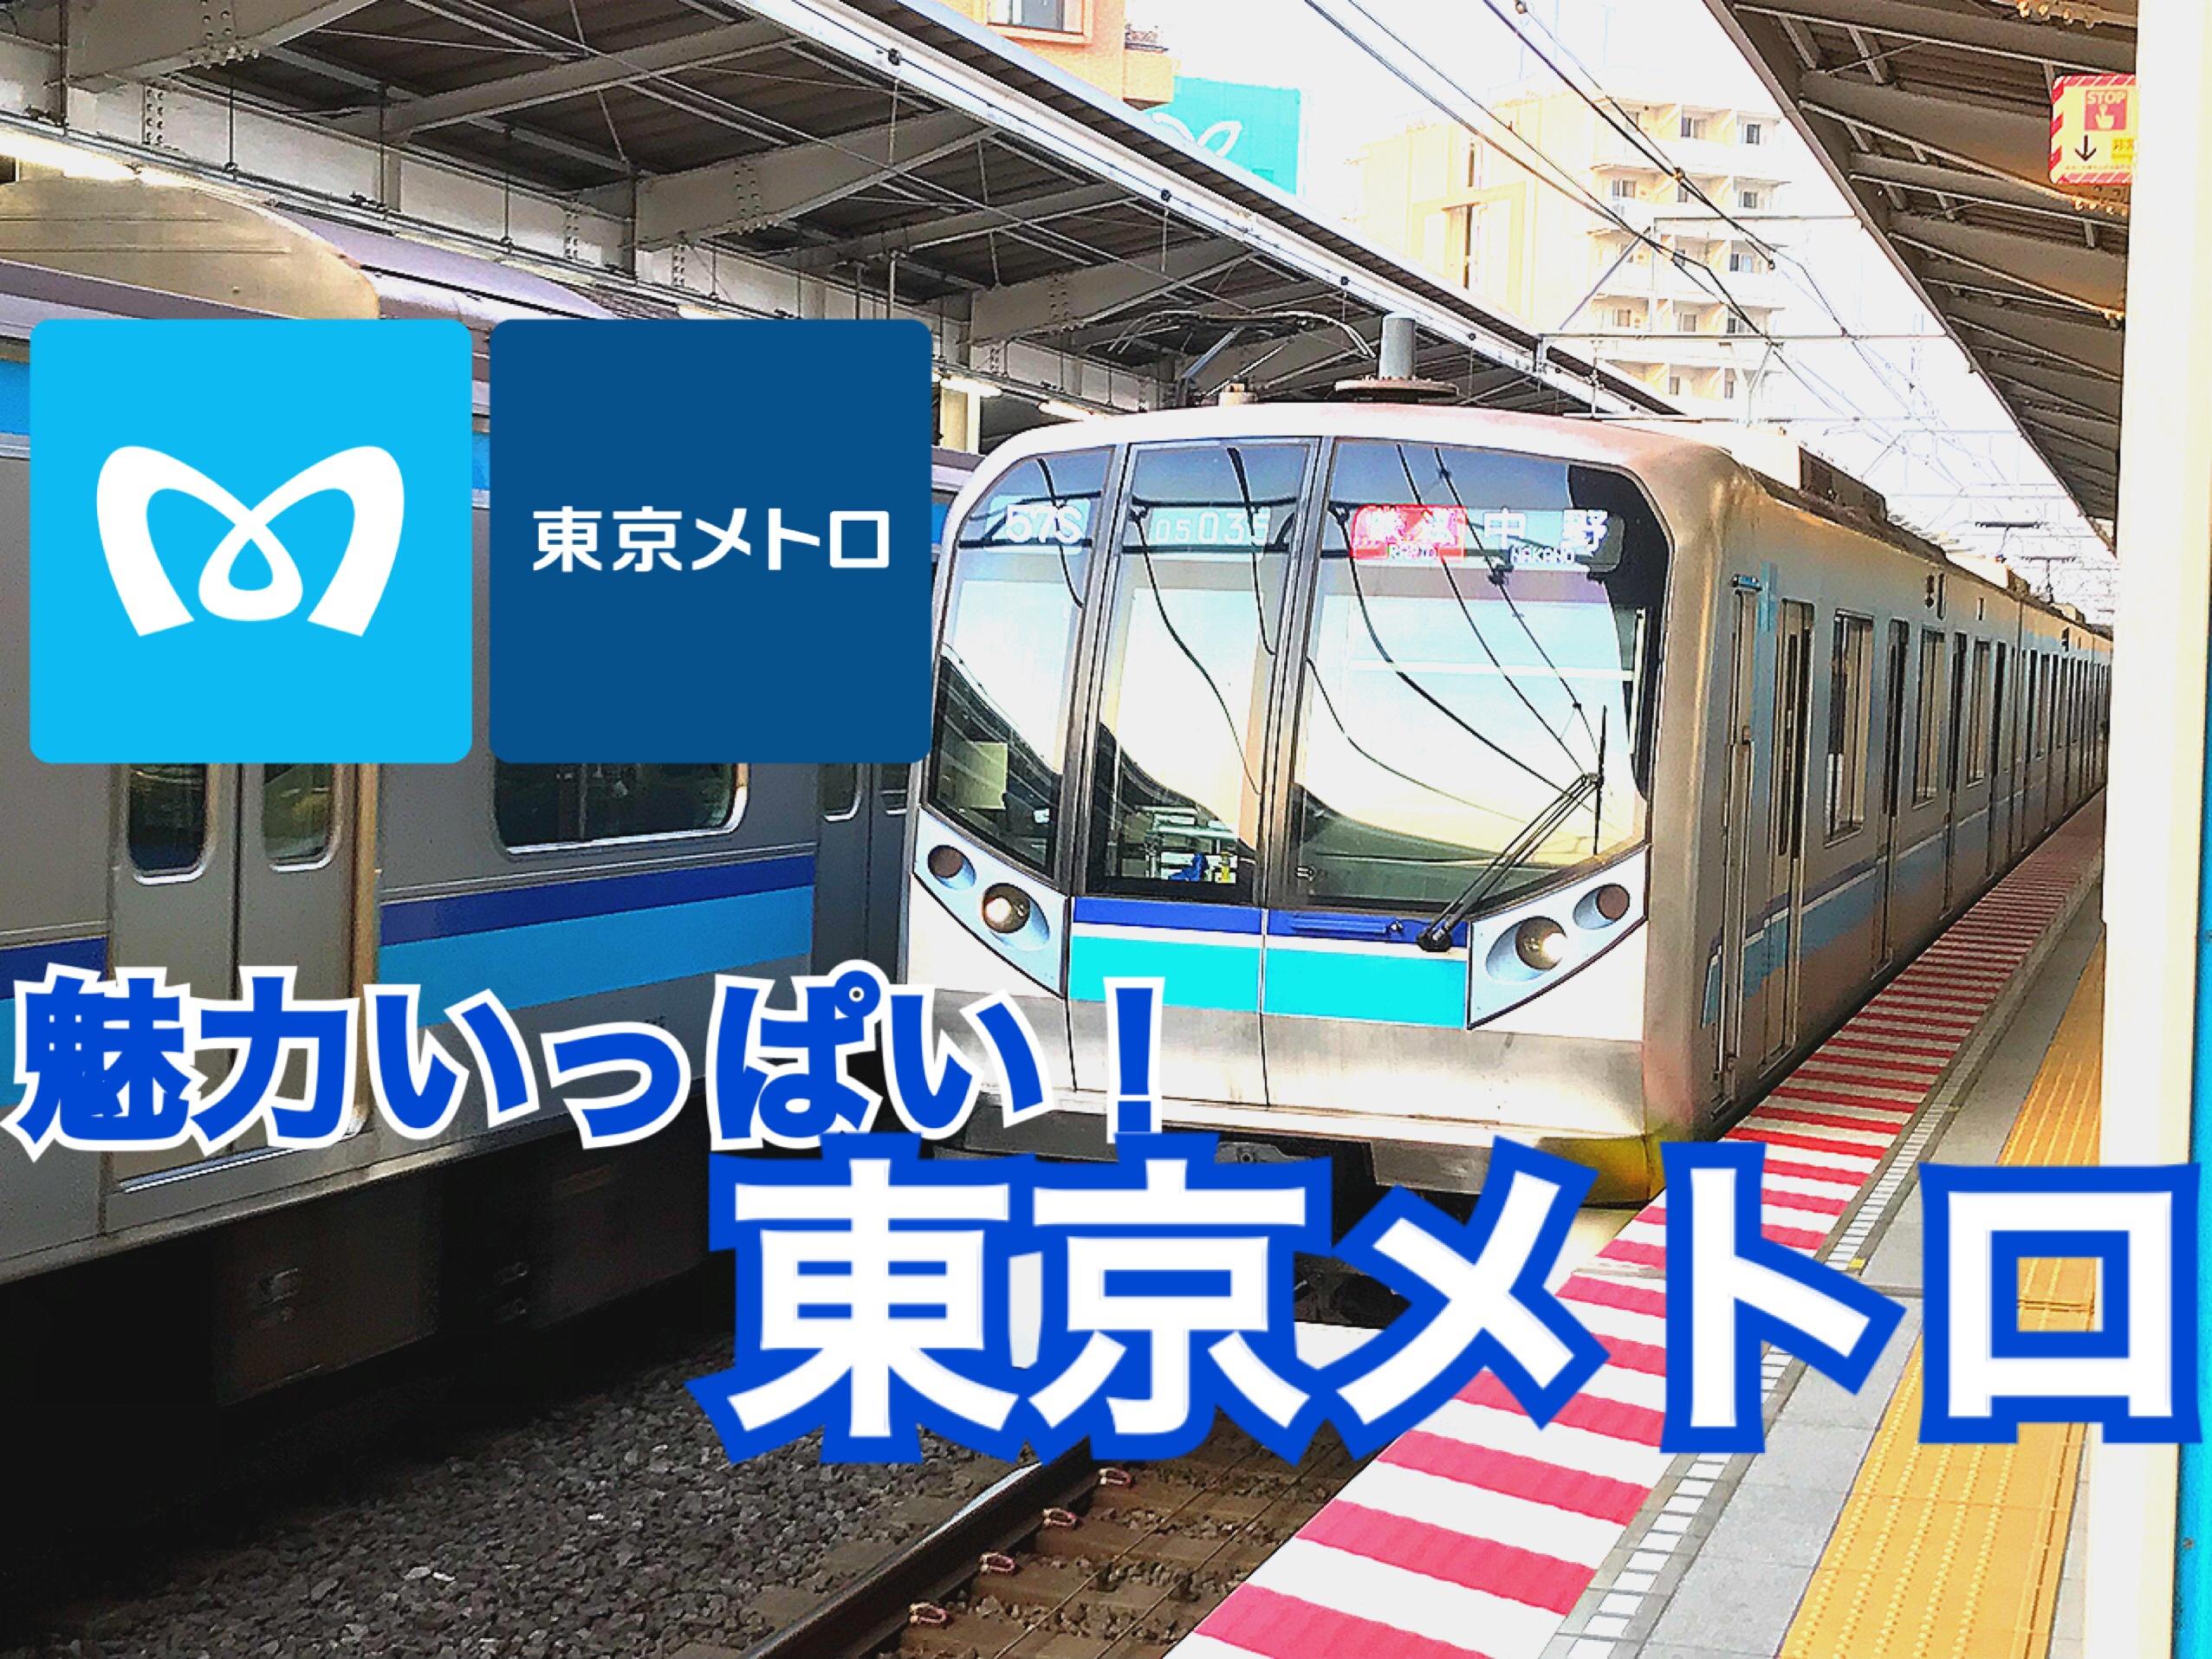 【東京メトロ】東京の地下鉄、東京メトロにお得な切符で乗ってみる